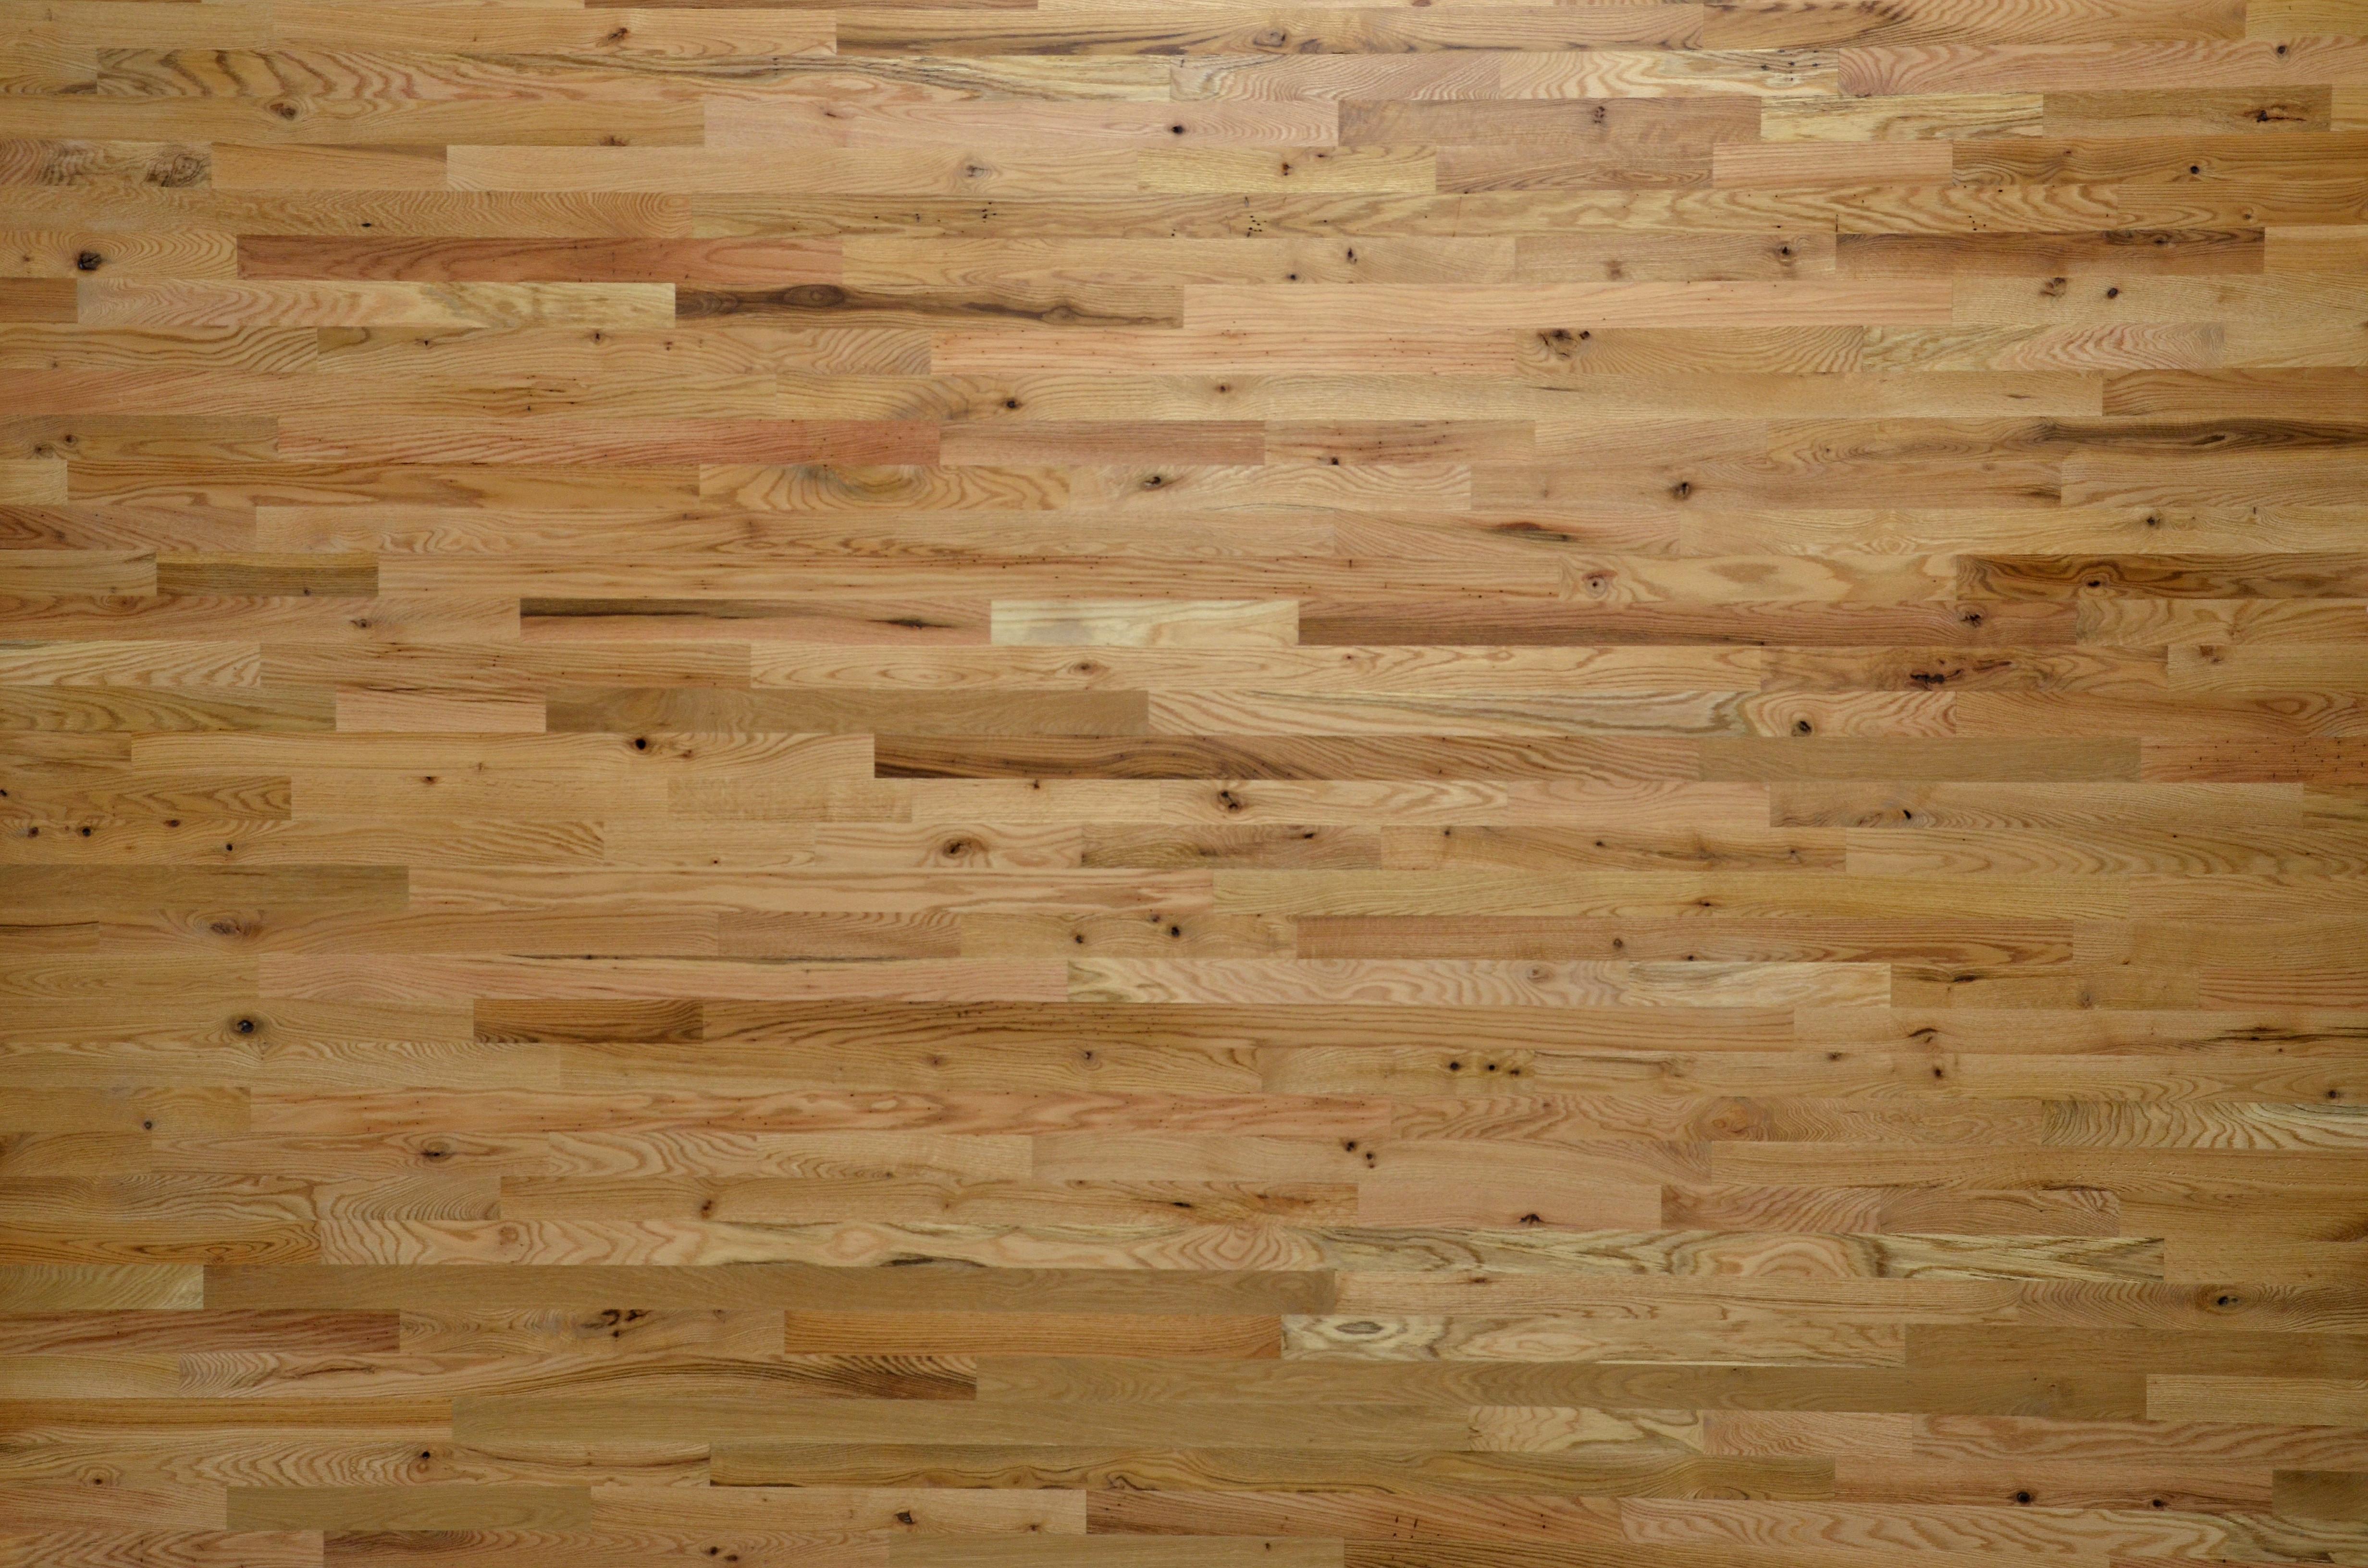 hardwood floor installer jobs of lacrosse hardwood flooring walnut white oak red oak hickory regarding 2 common red oak